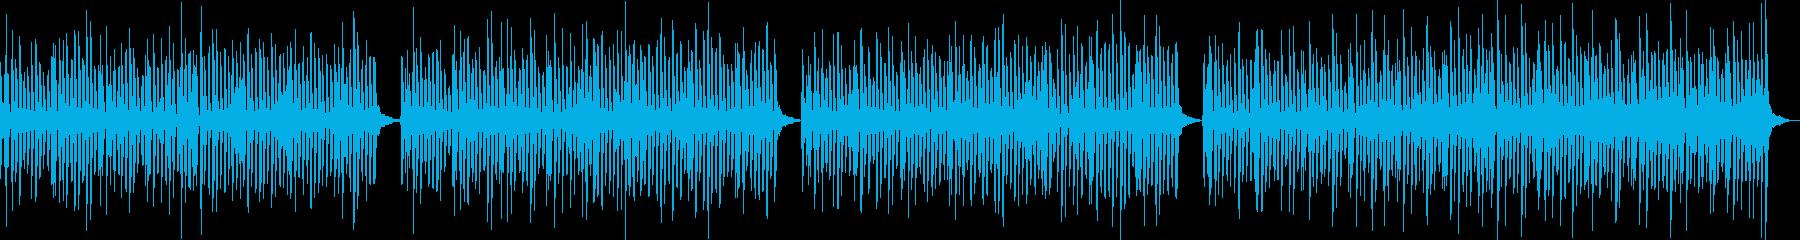 跳ねるピアノ 軽快なリズム オーケストラの再生済みの波形